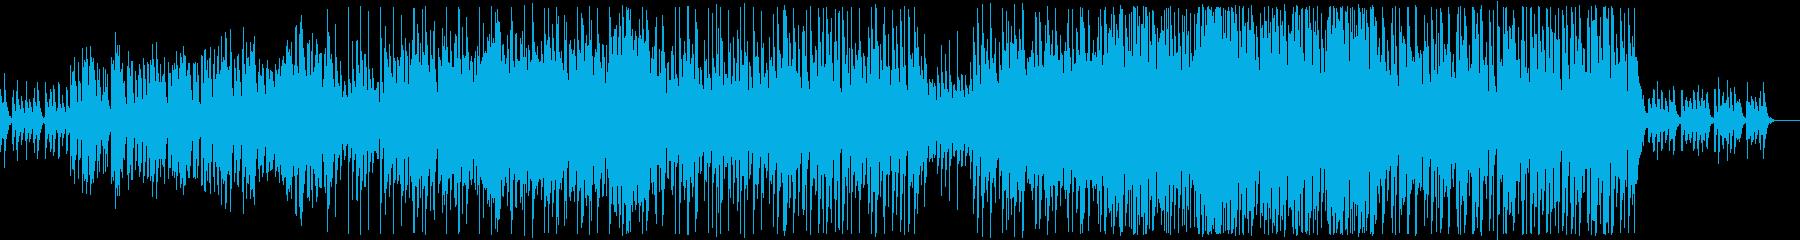 ファンタジーな森のダンジョン風の再生済みの波形